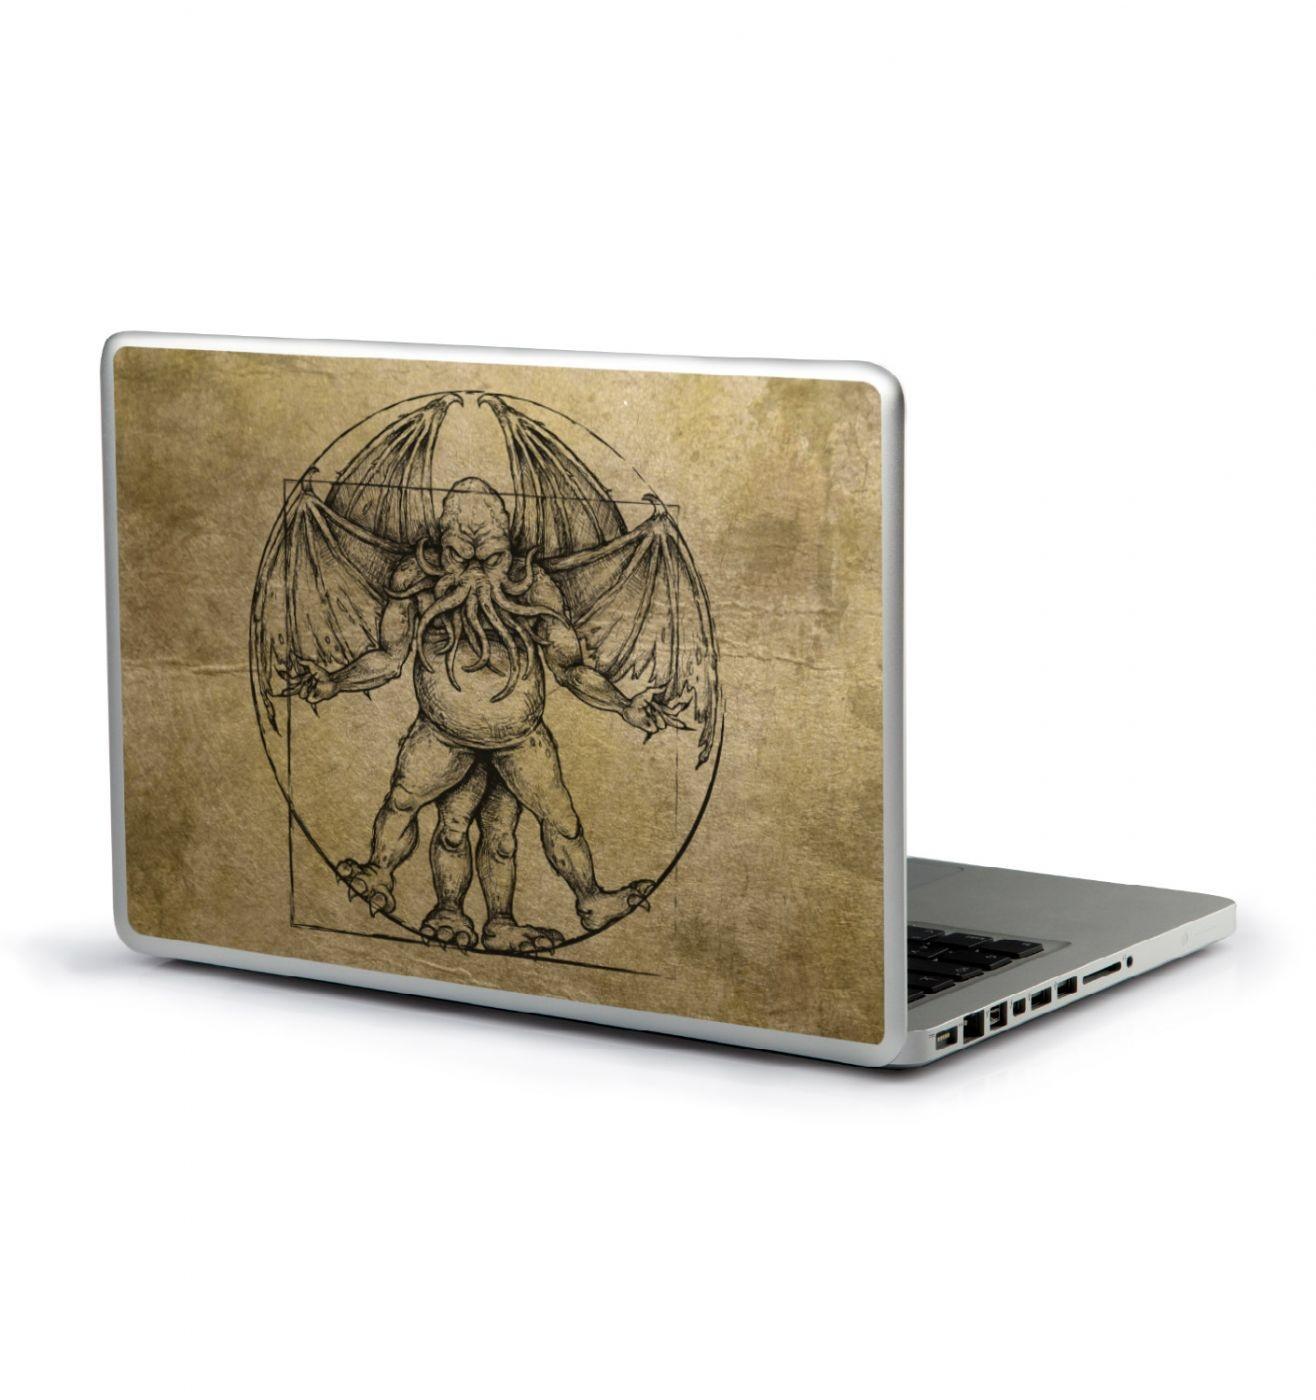 Vitruvian Cthulhu laptop sticker